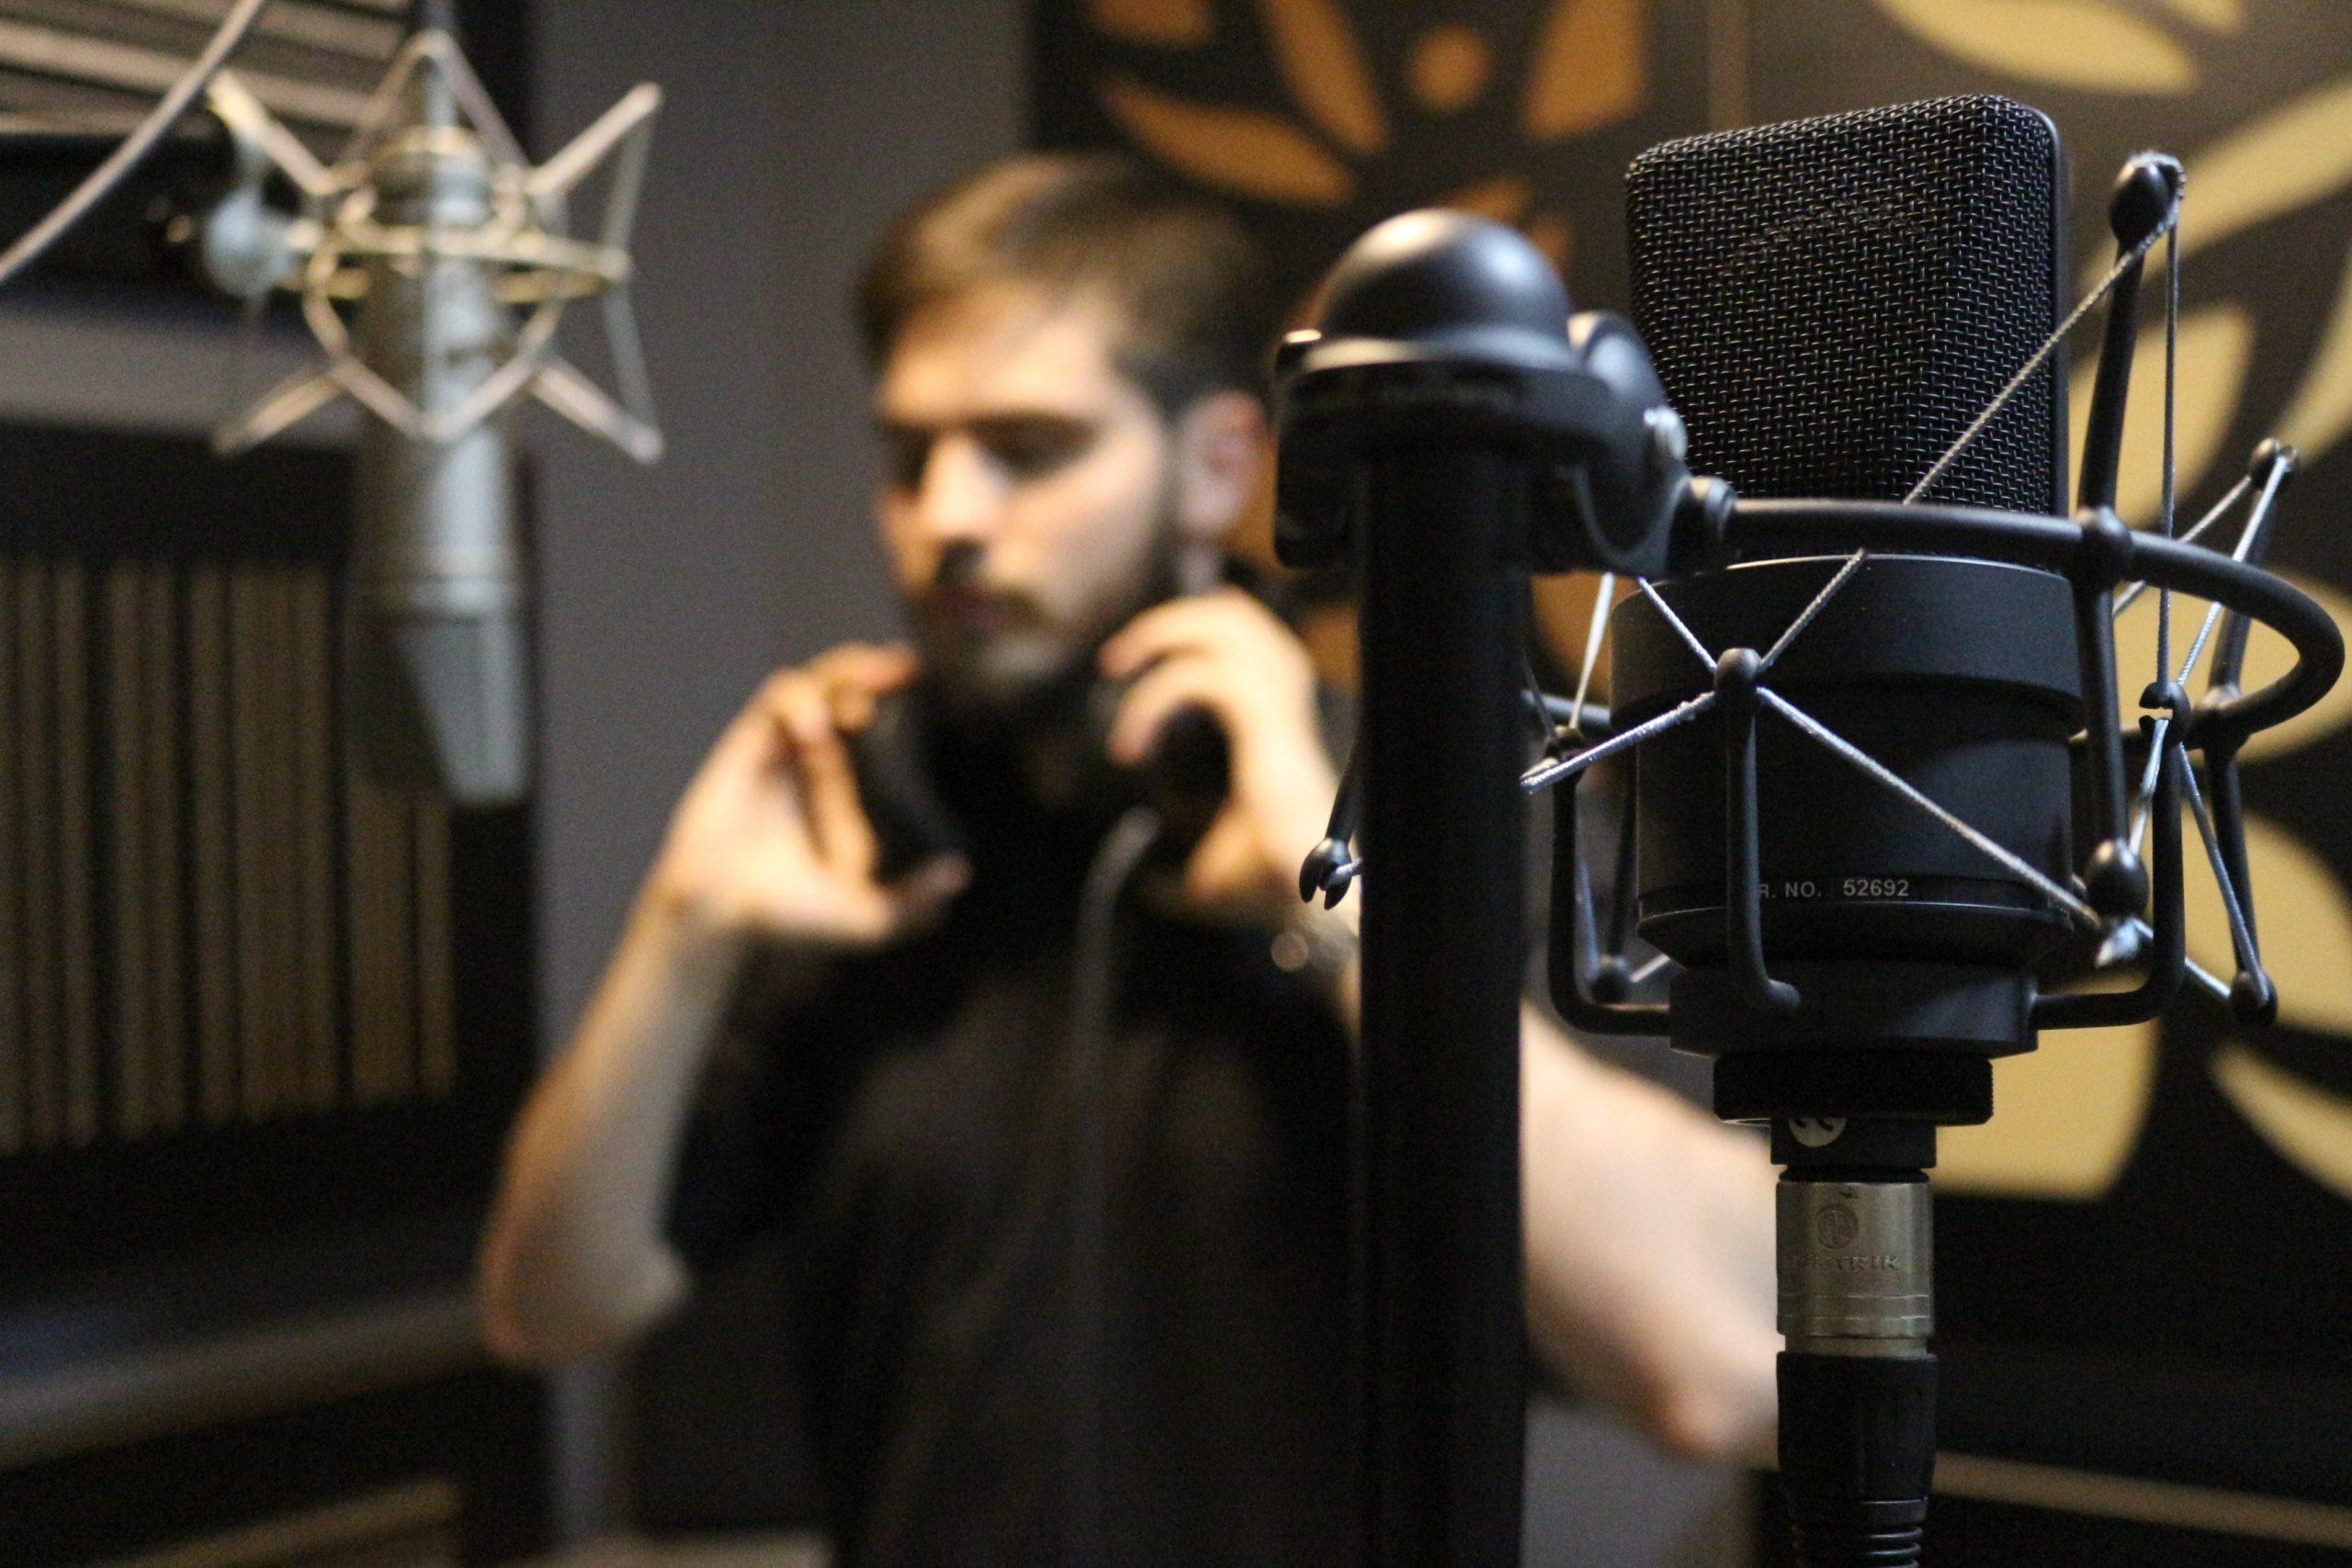 microfone condensador preto em um primeiro plano, com homem ao fundo em pé com as mãos segurando o fone de ouvido